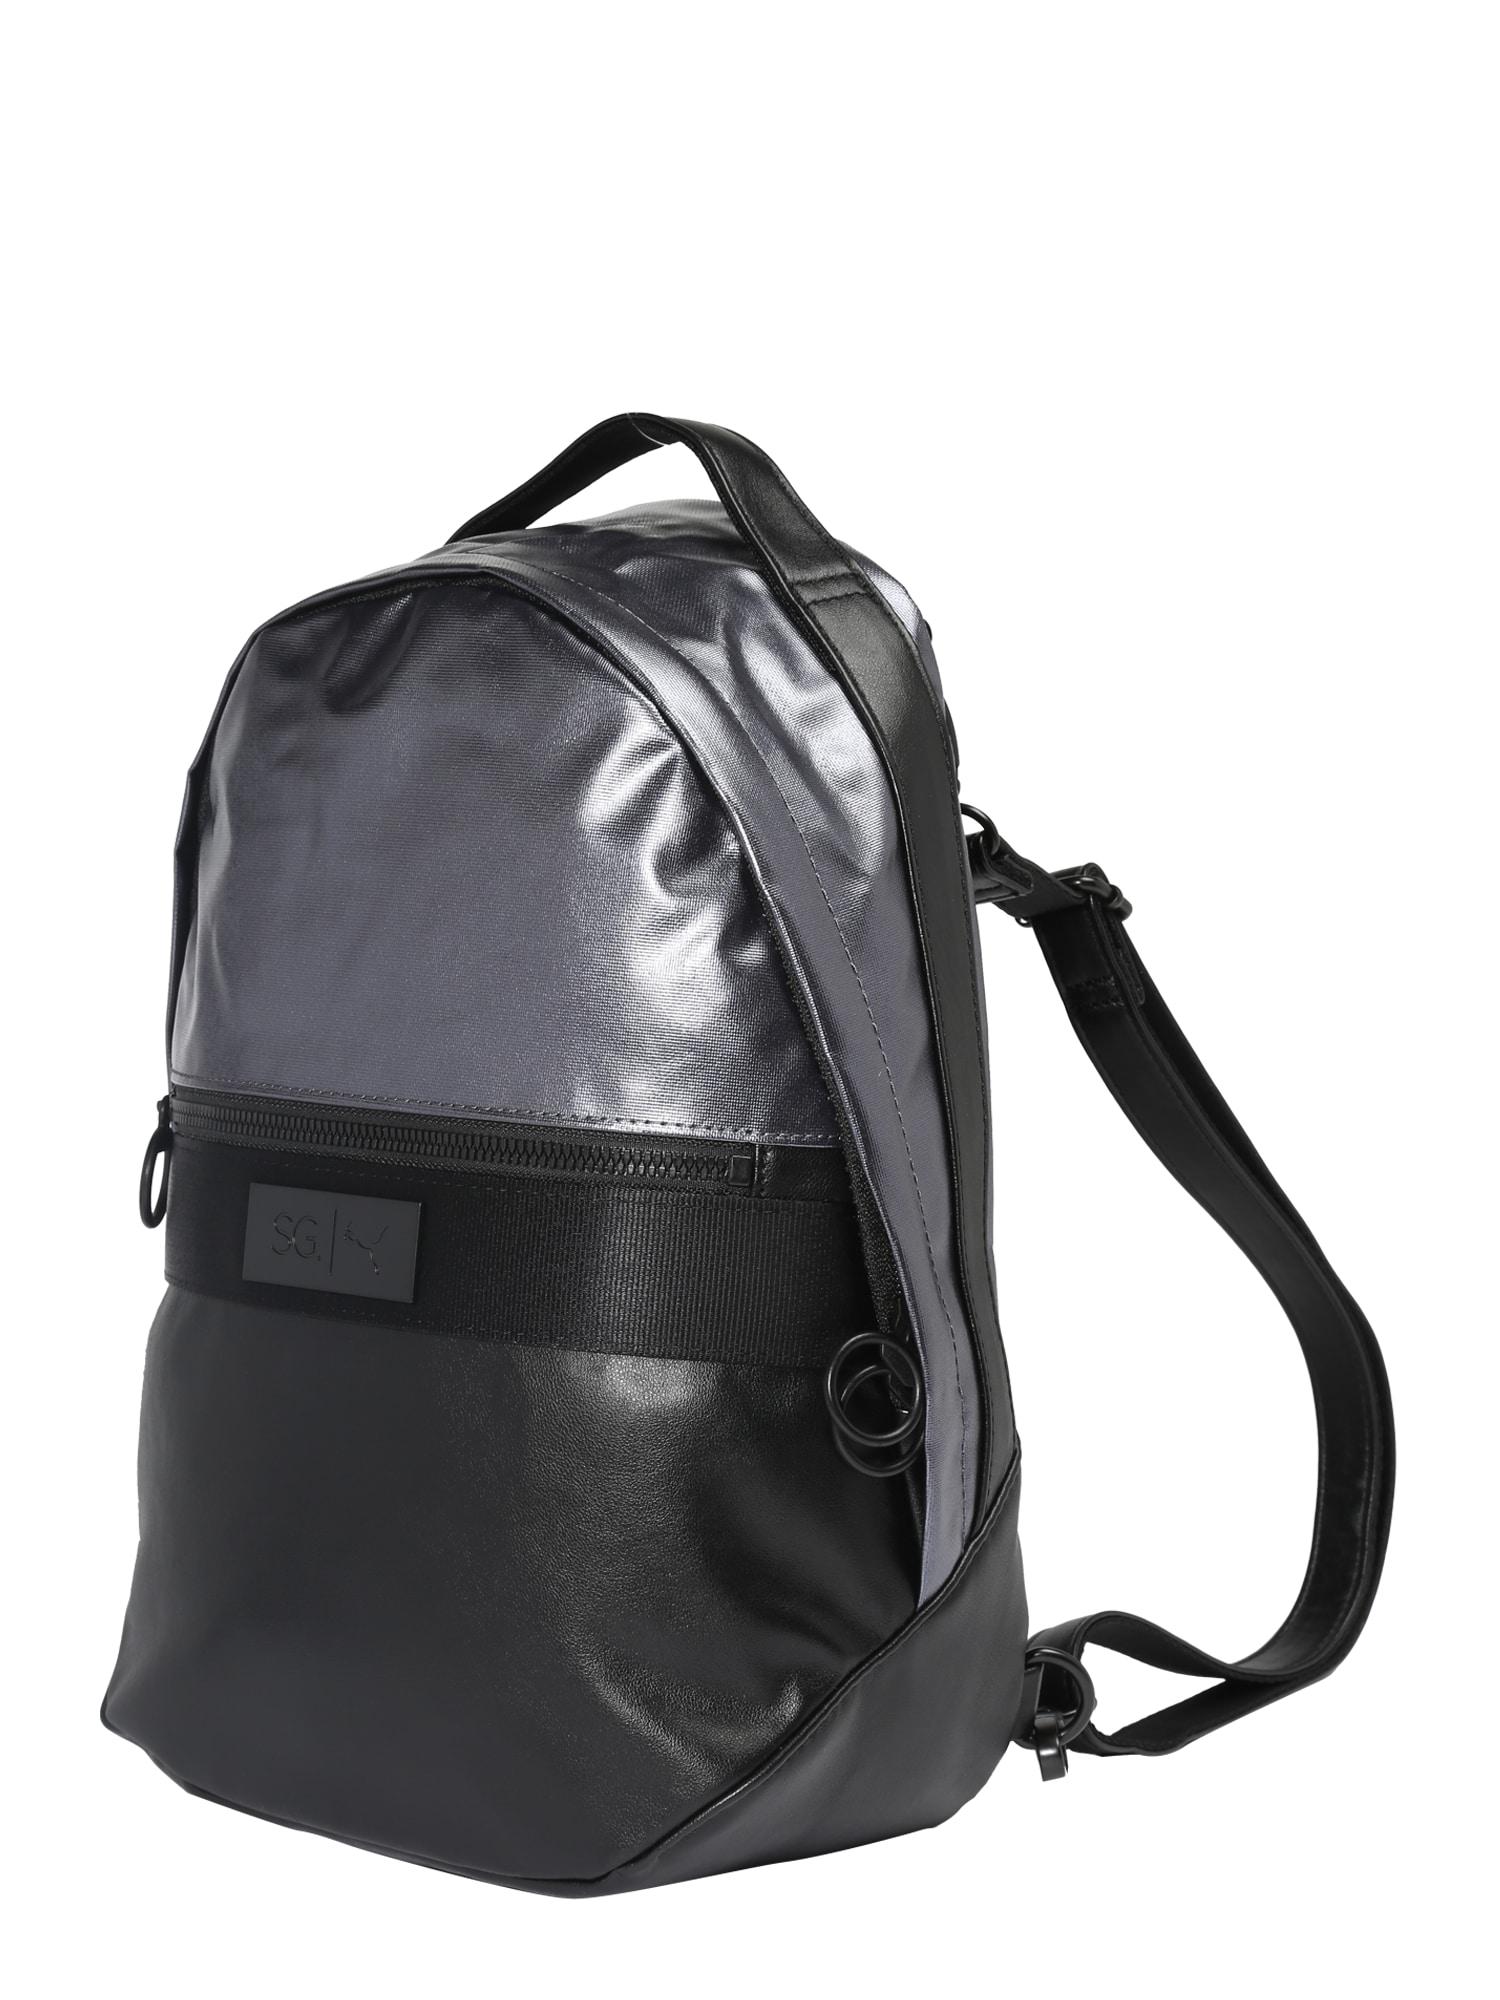 Sportovní taška Sg X Style černá stříbrná PUMA